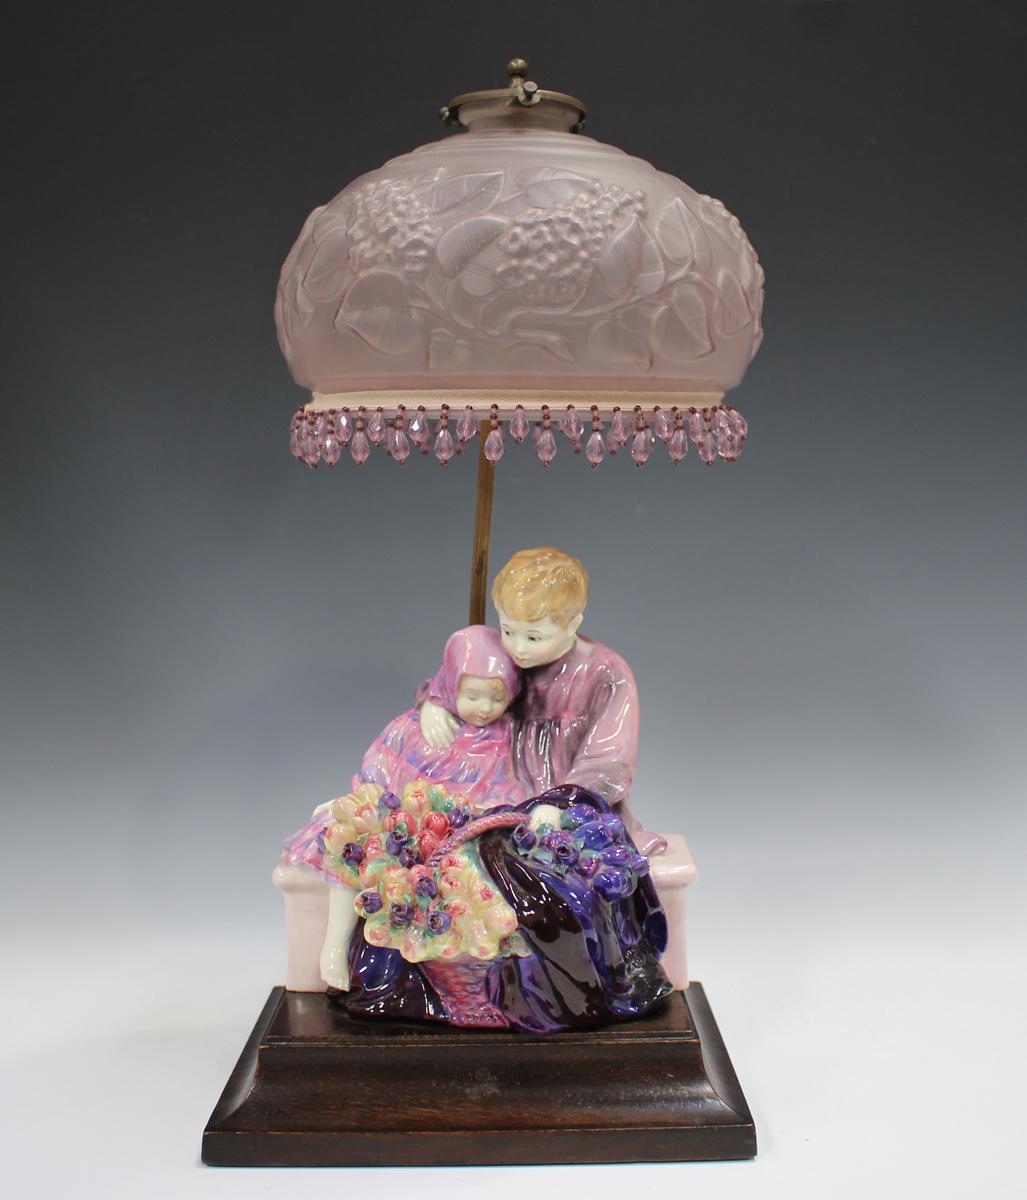 A Royal Doulton figure group lampbase, The Flower Seller's Children, HN1206, raised on a rectangular